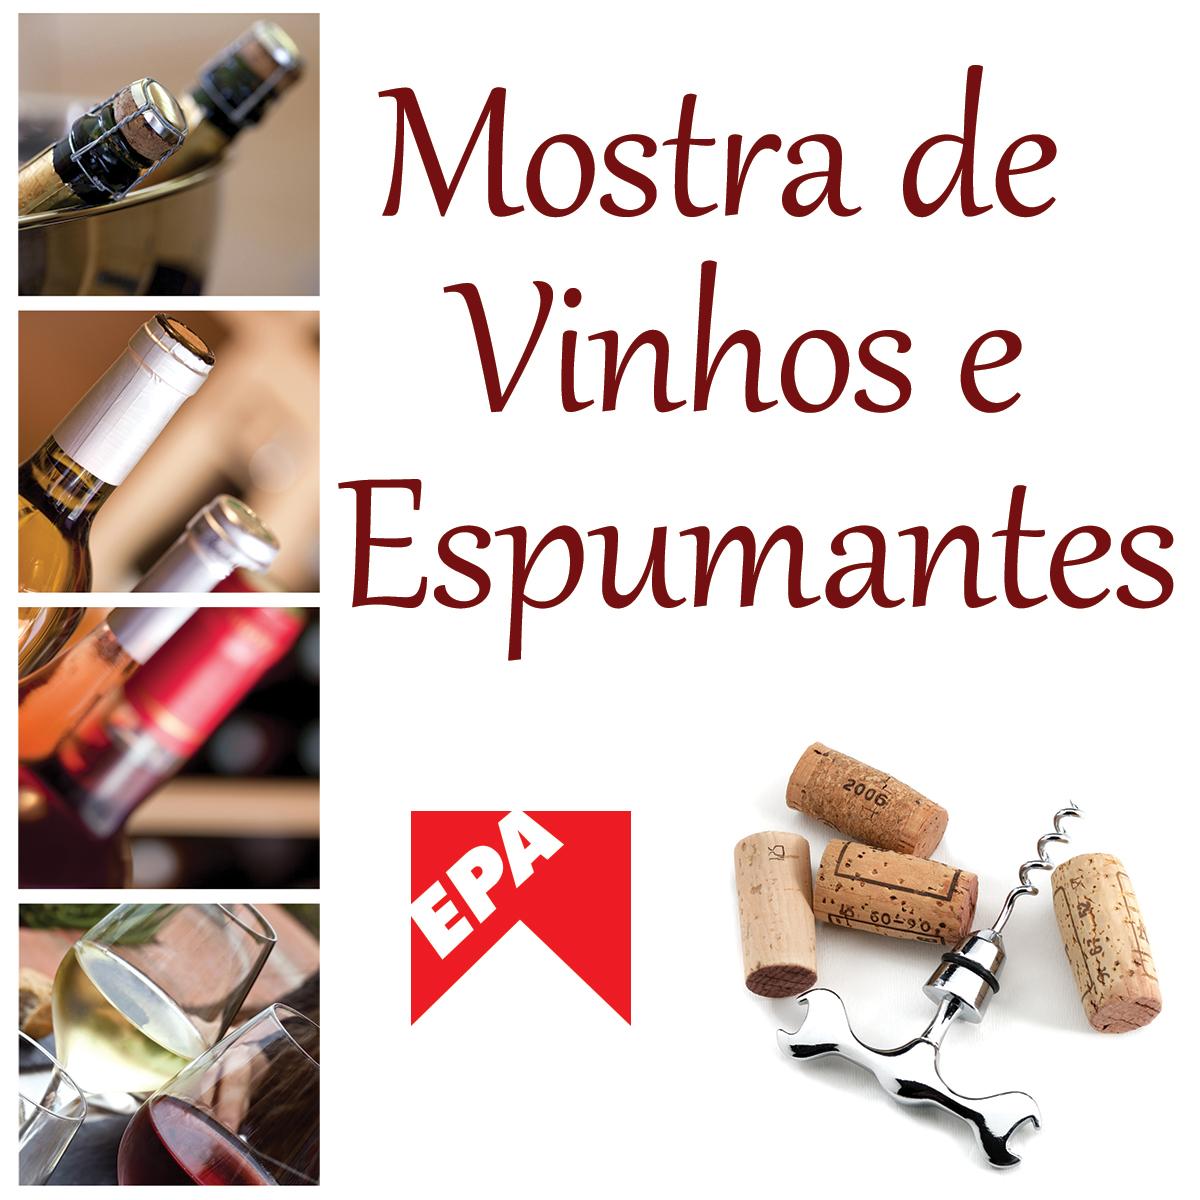 Em novembro e dezembro teve mostra de vinhos e espumantes no Epa